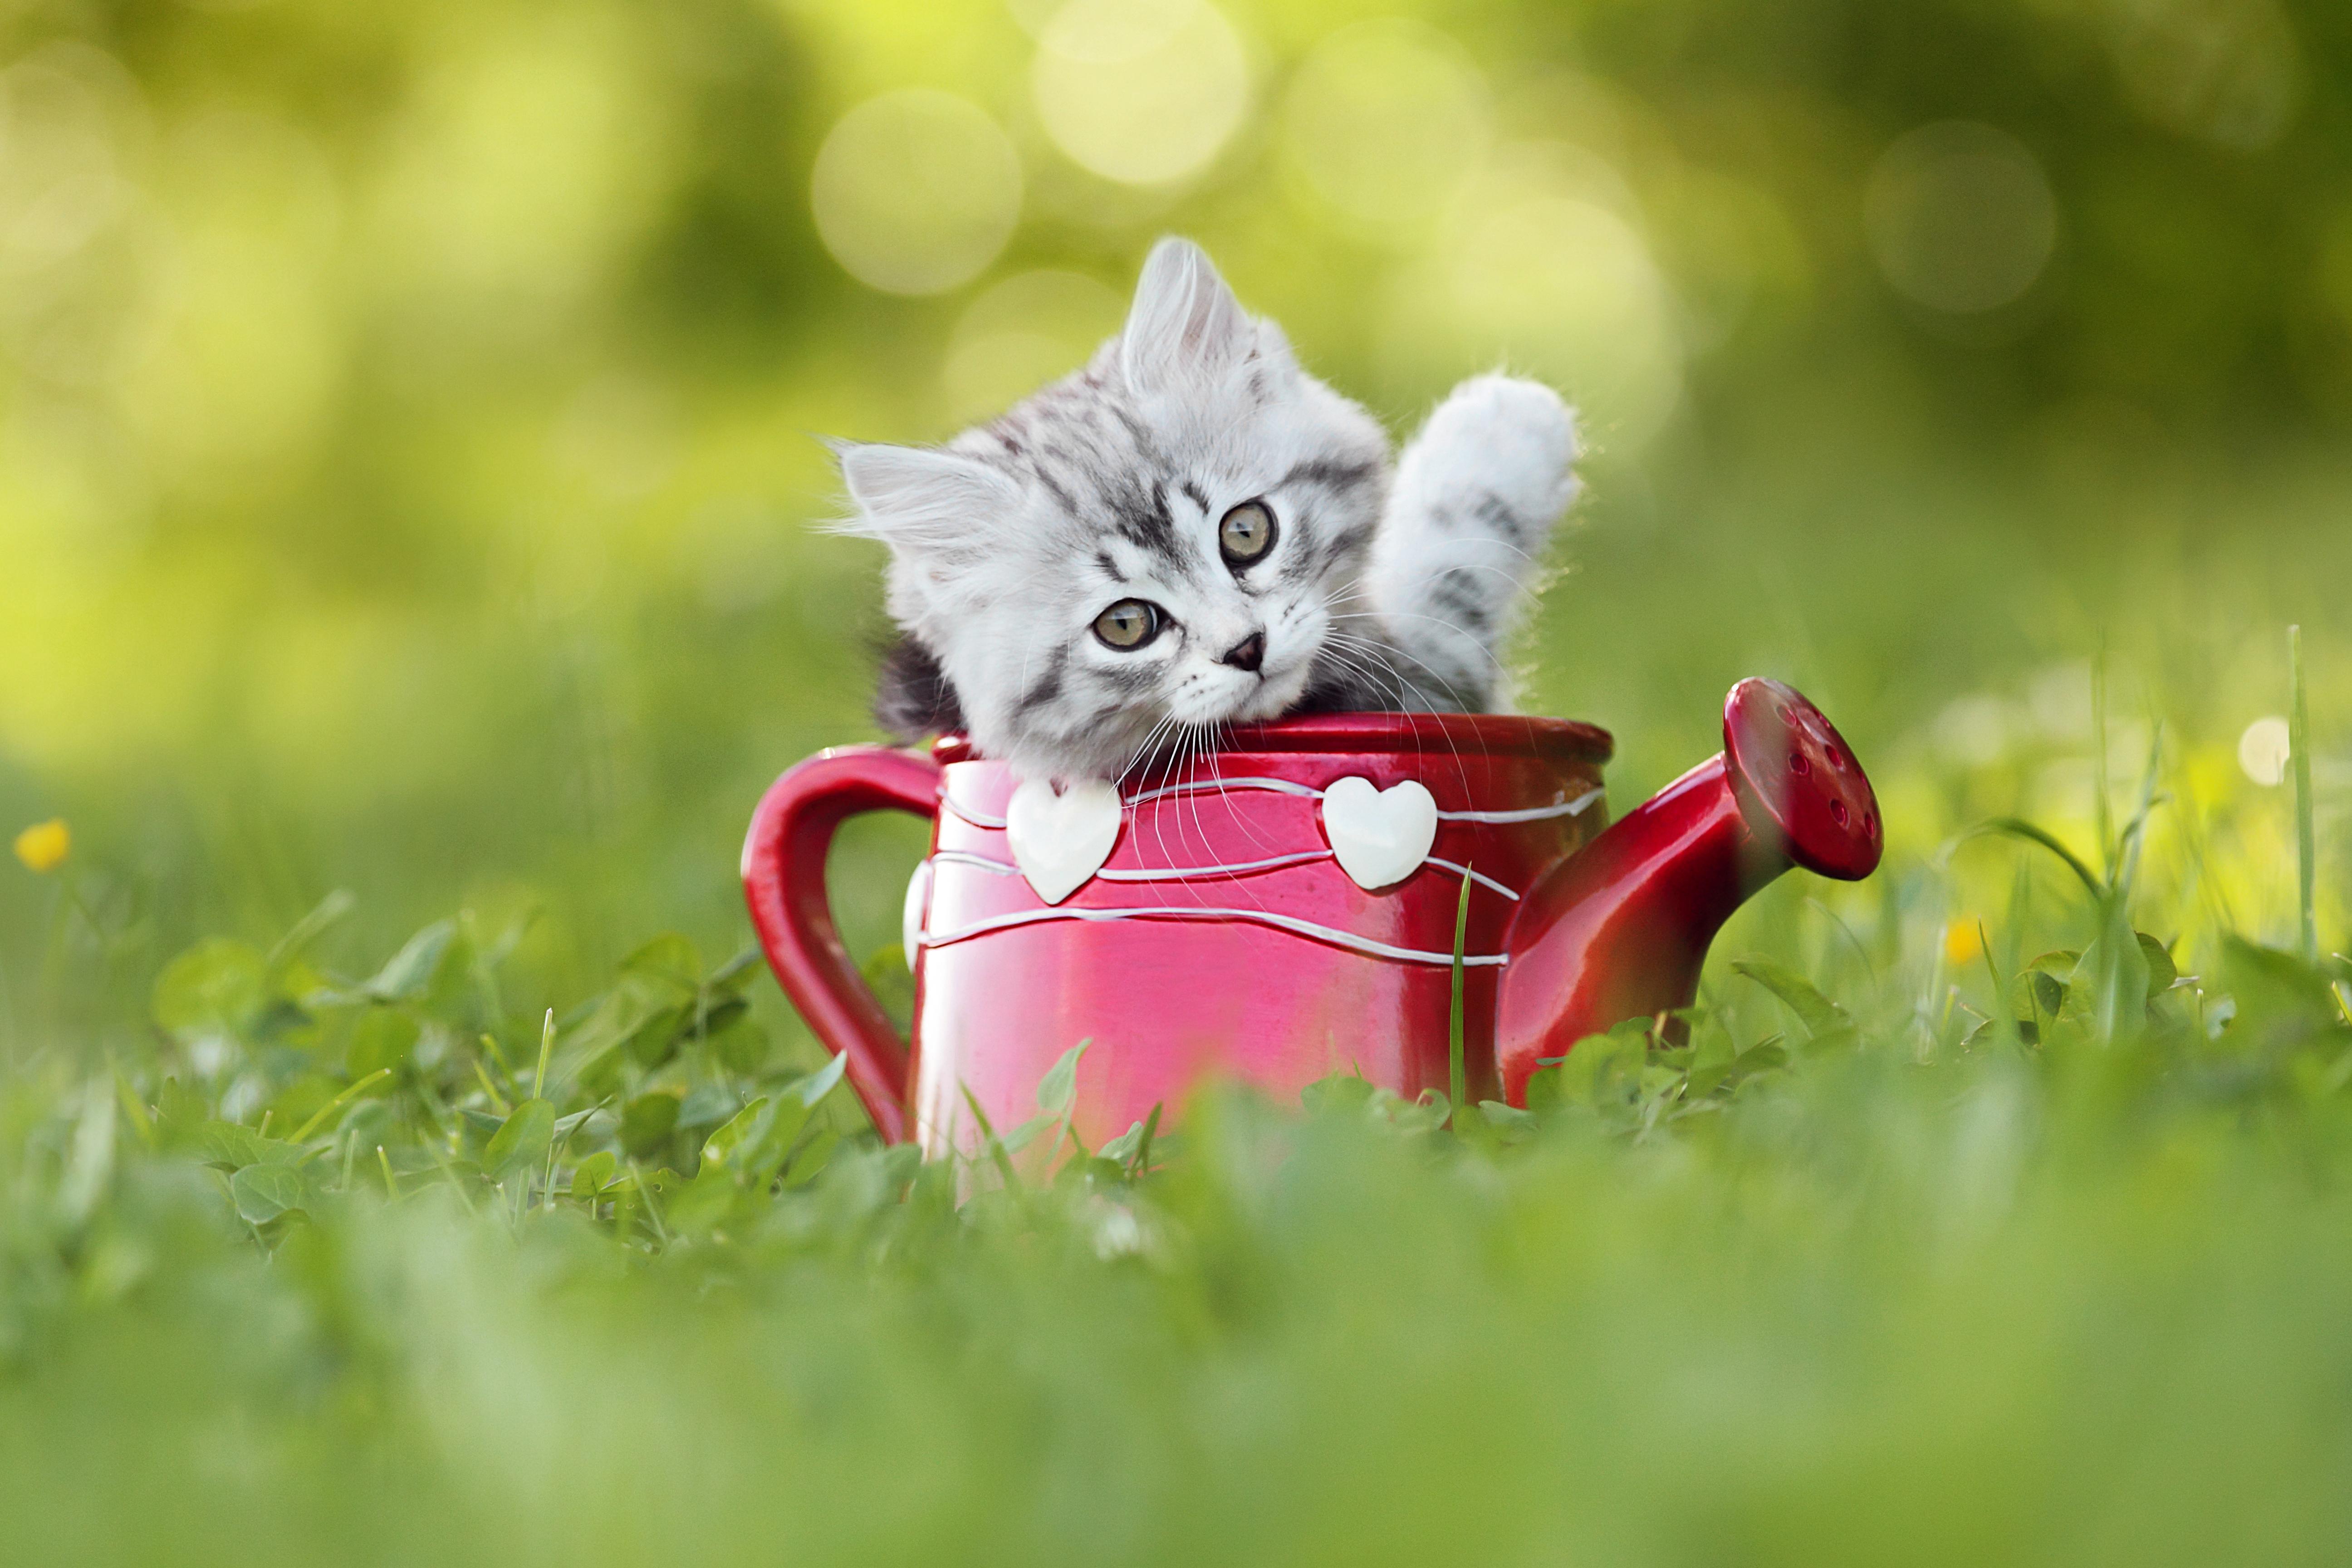 Astrologie: Welche Katze bist du deinem Sternzeichen nach?